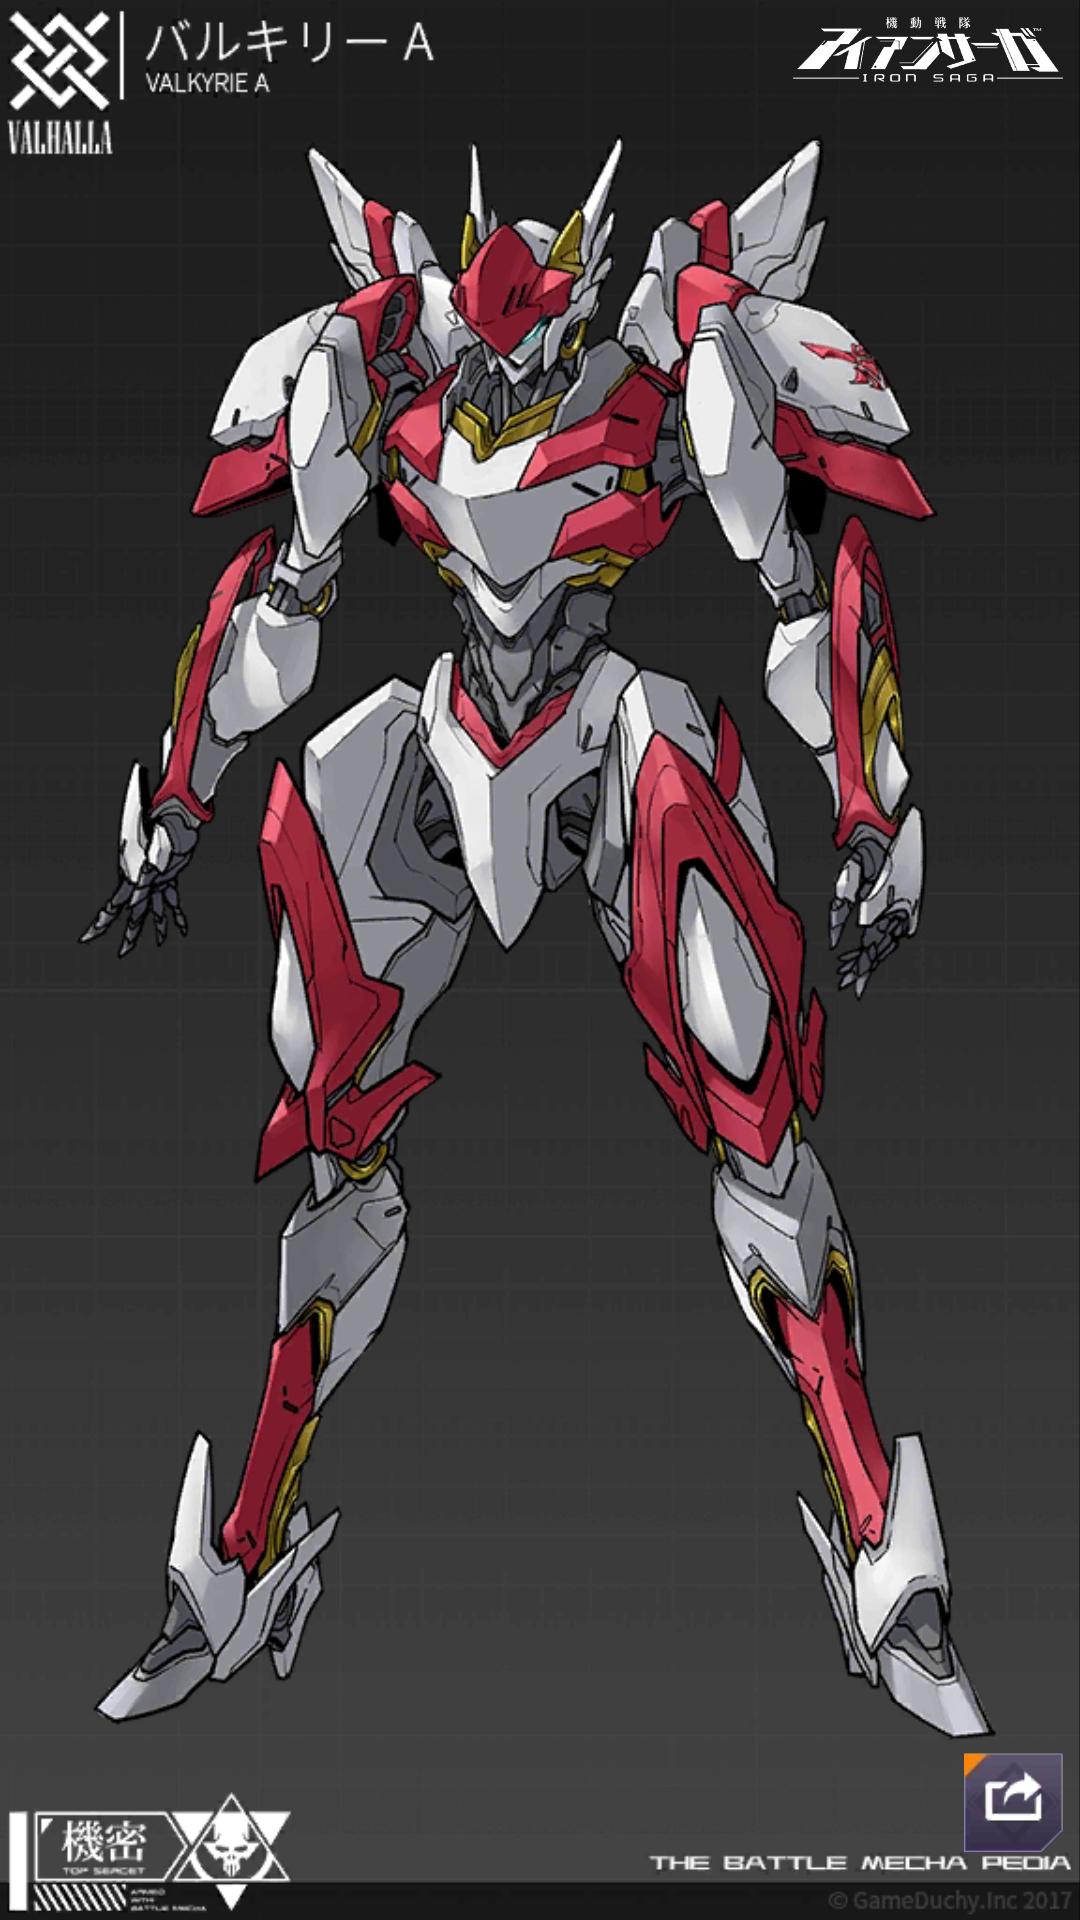 アイアンサーガ バルキリーA Mecha suit, Mecha anime, Gundam art